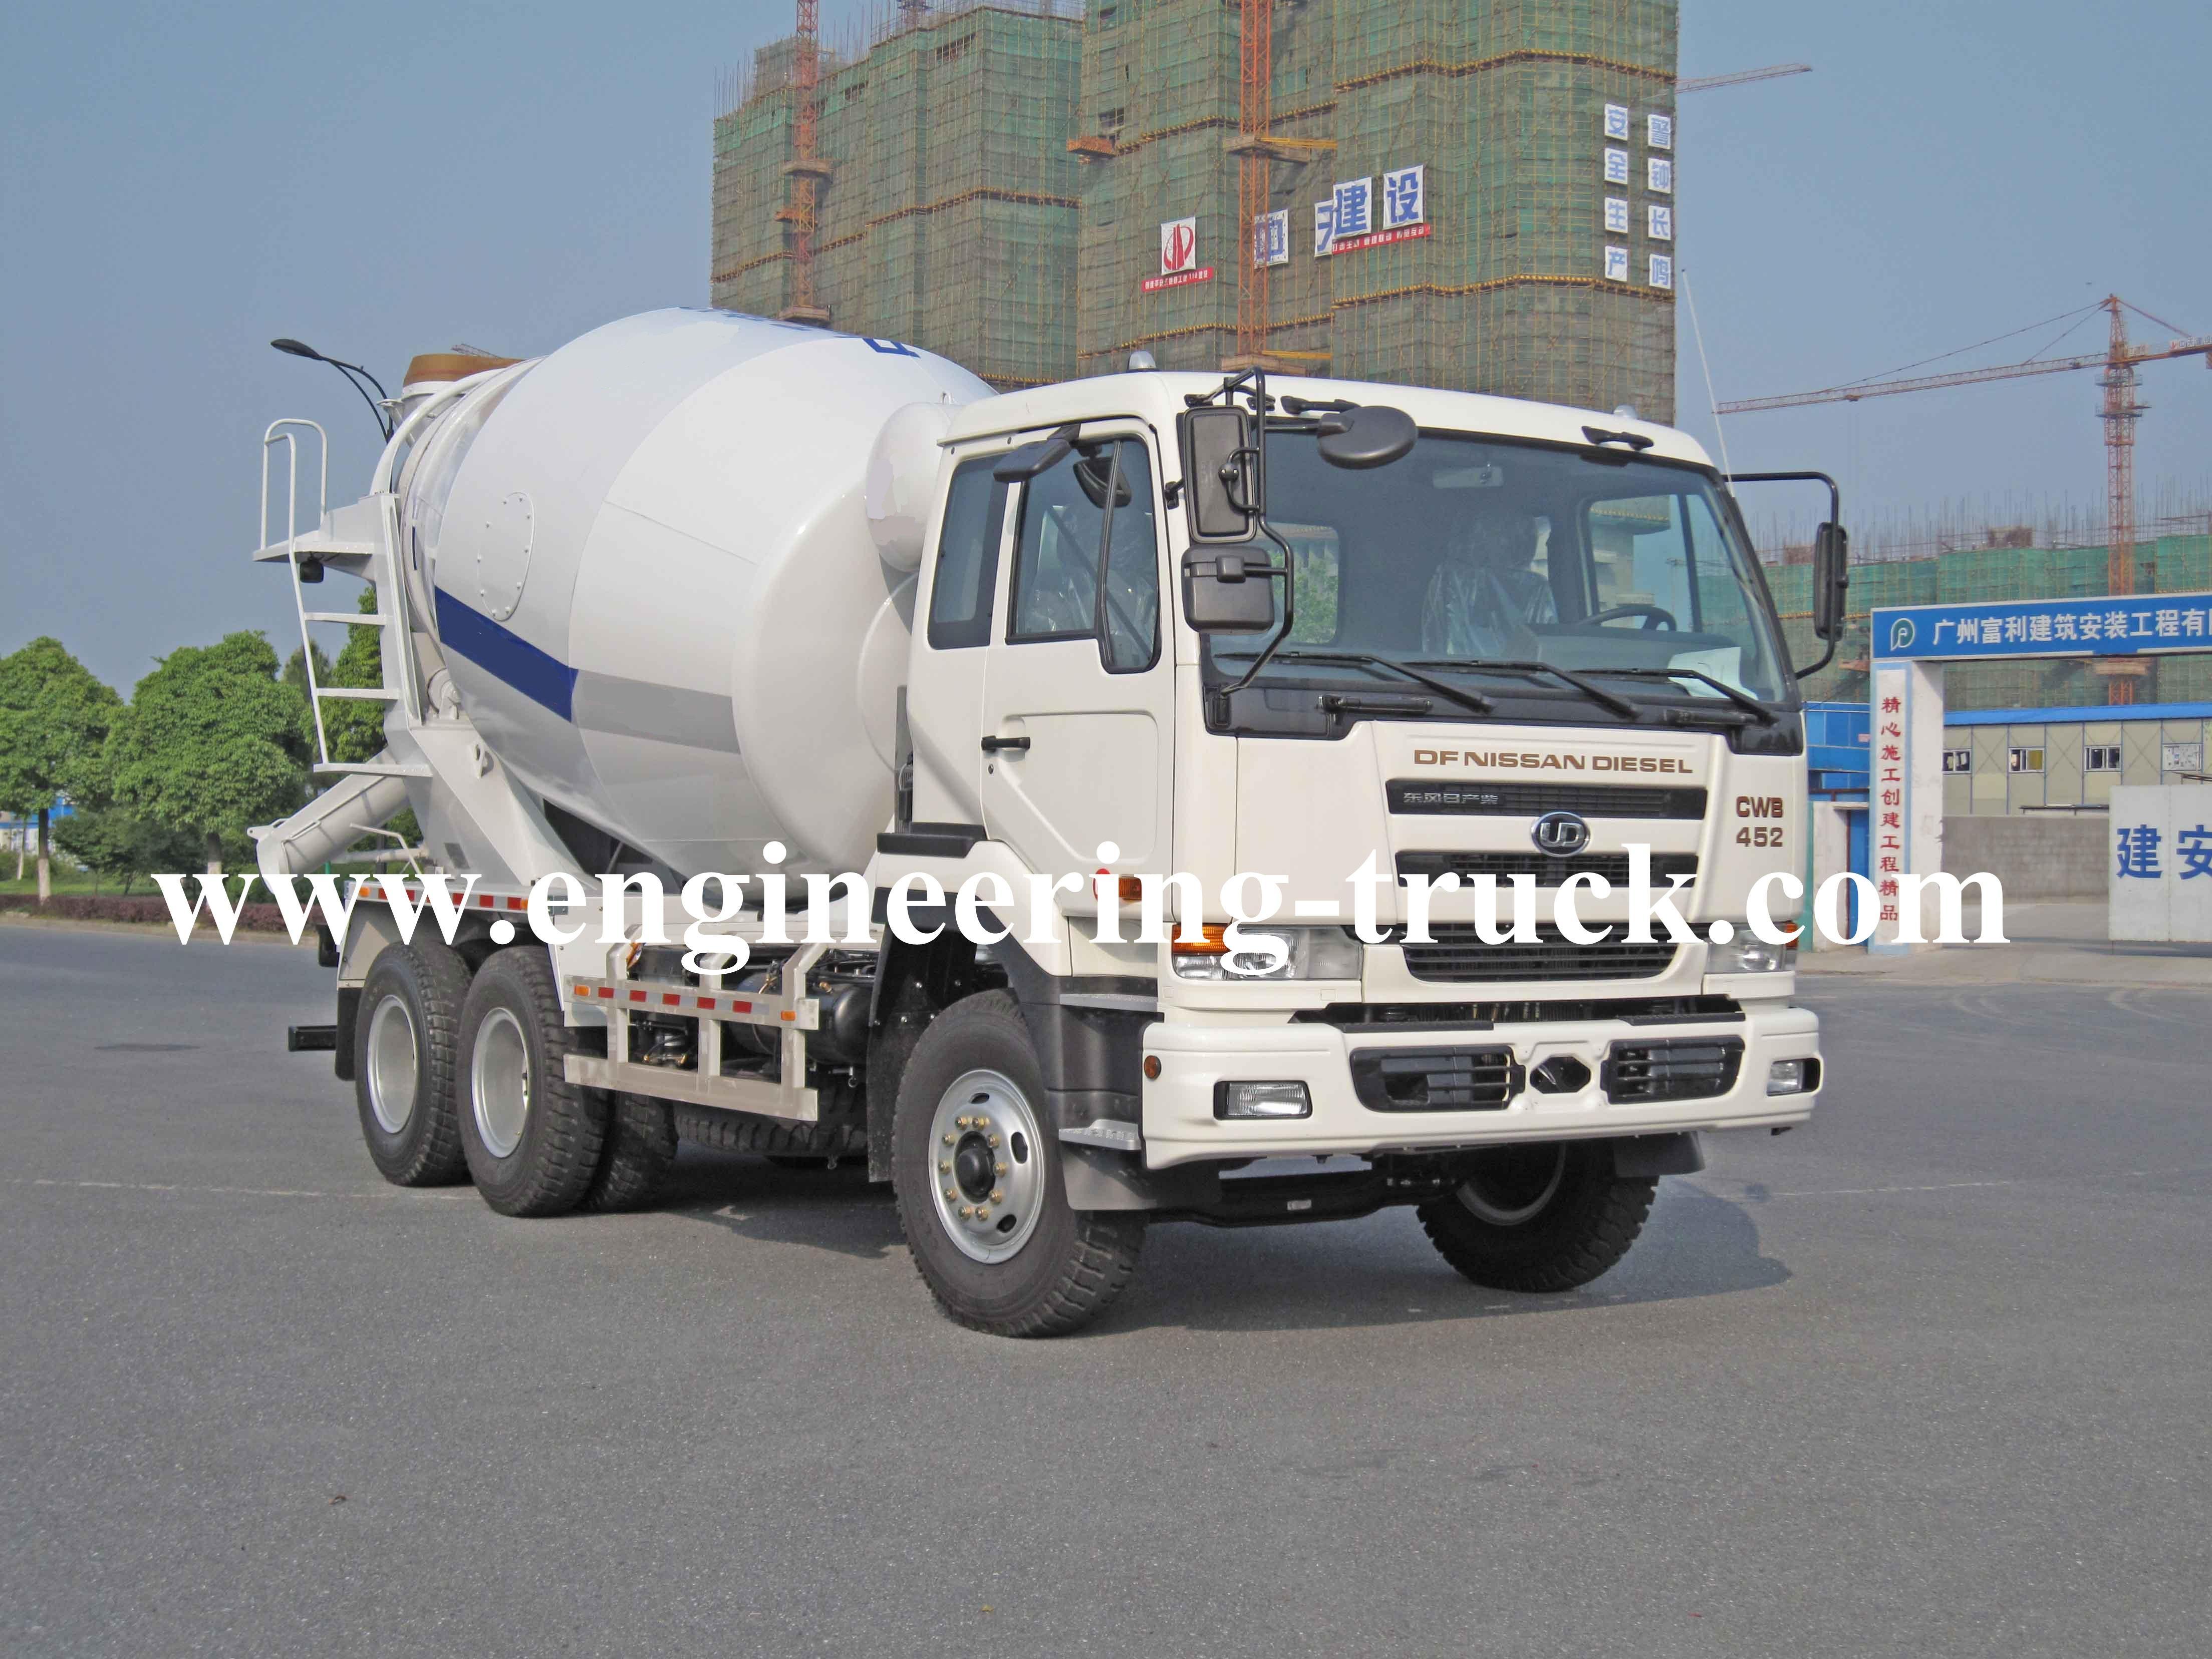 Concrete Mixer Truck (8-12m³)